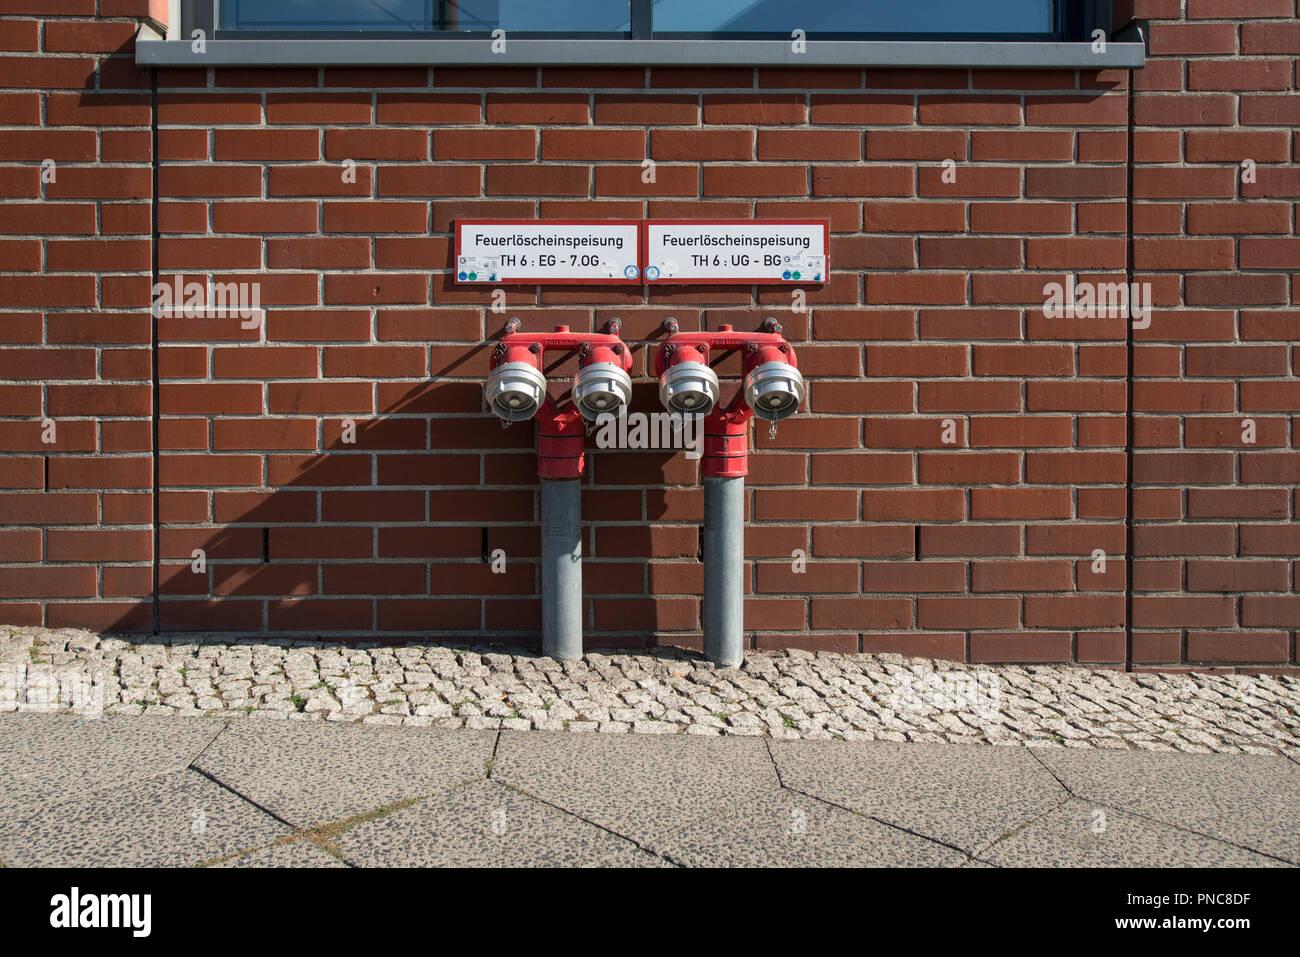 Wasserhydrant an Hauswand auf Berliner Bürgersteig - Stock Image